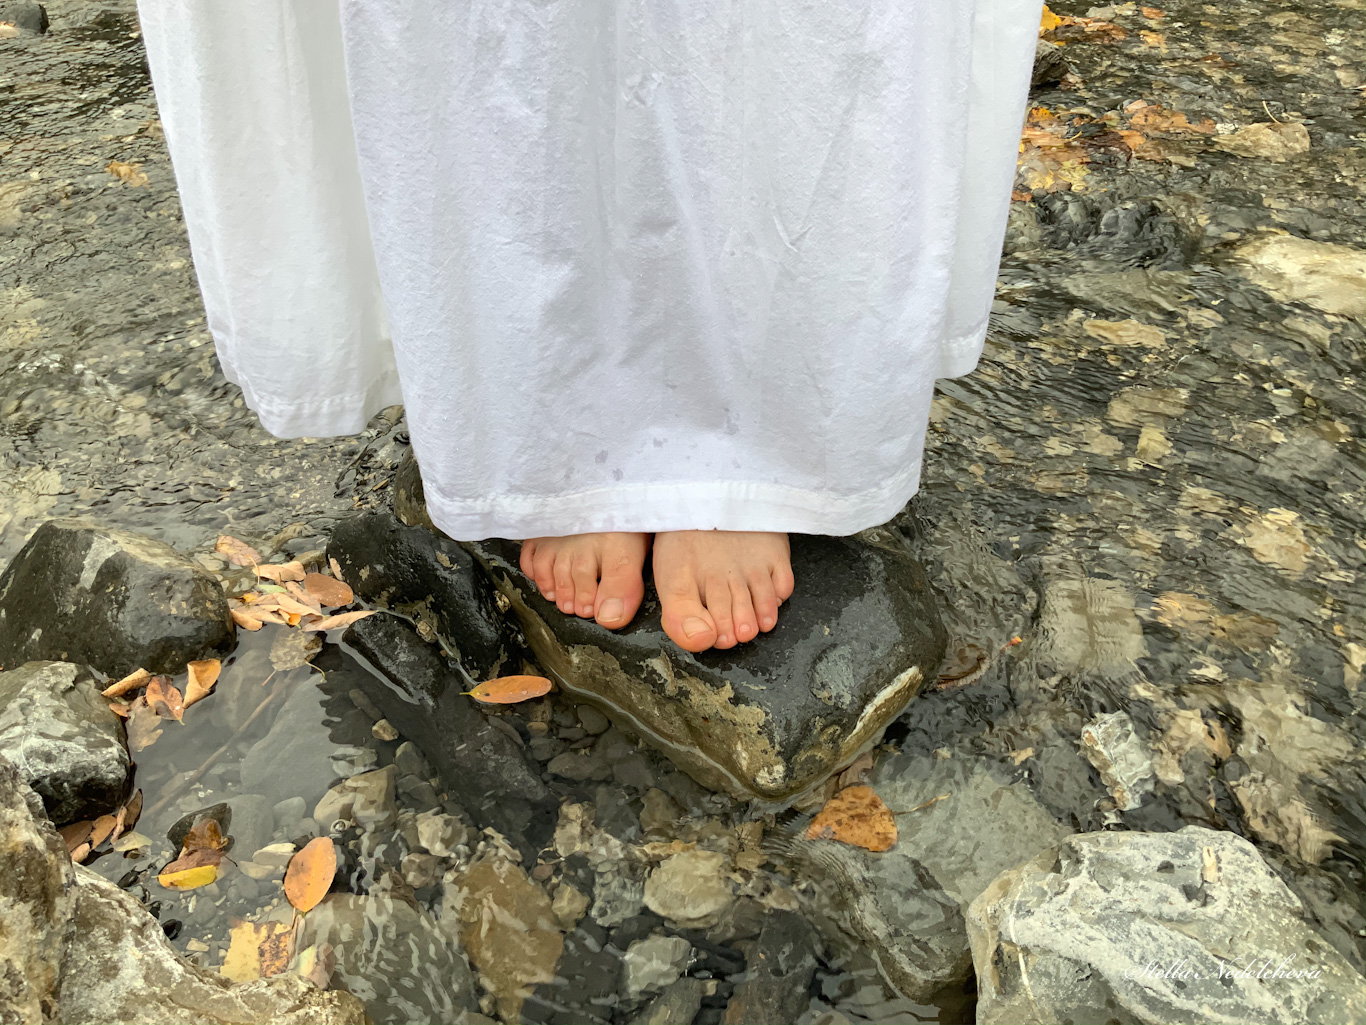 Pieds sur une pierre dans la rivière